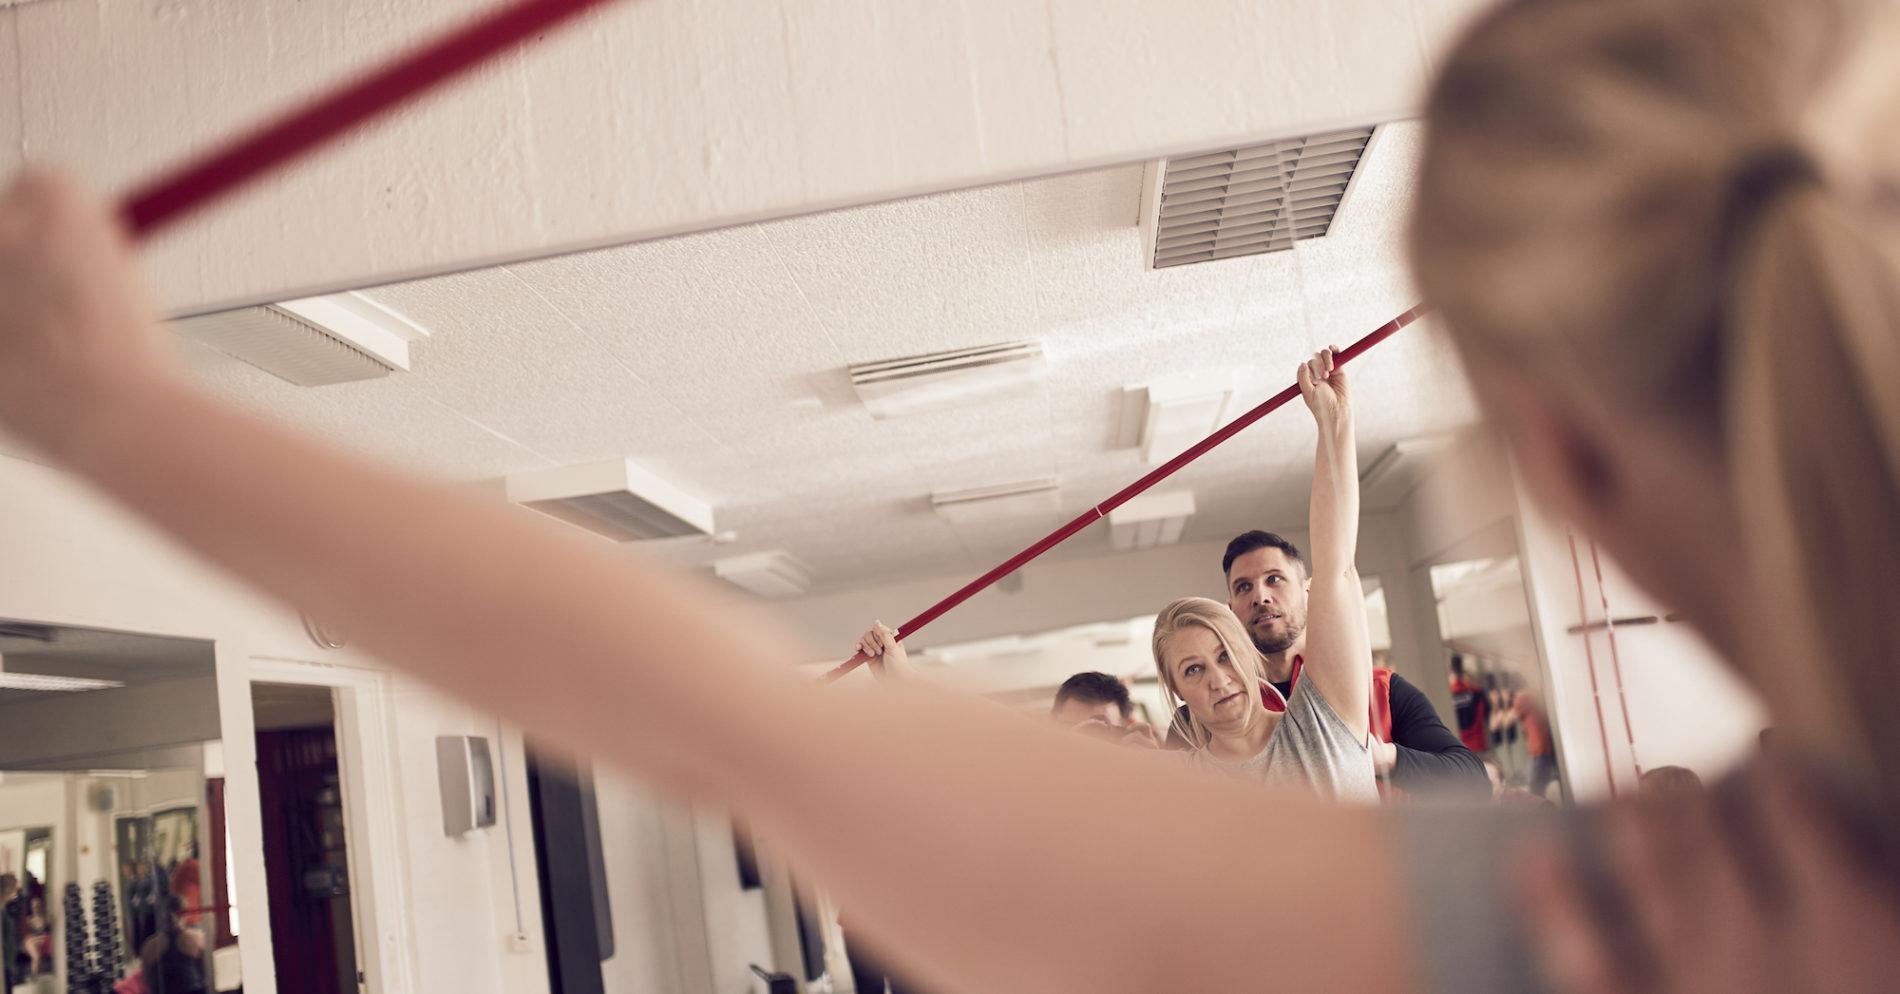 Personal trainer auttaa tekemään lihaskuntolikkeet oikealla tekniikalla.